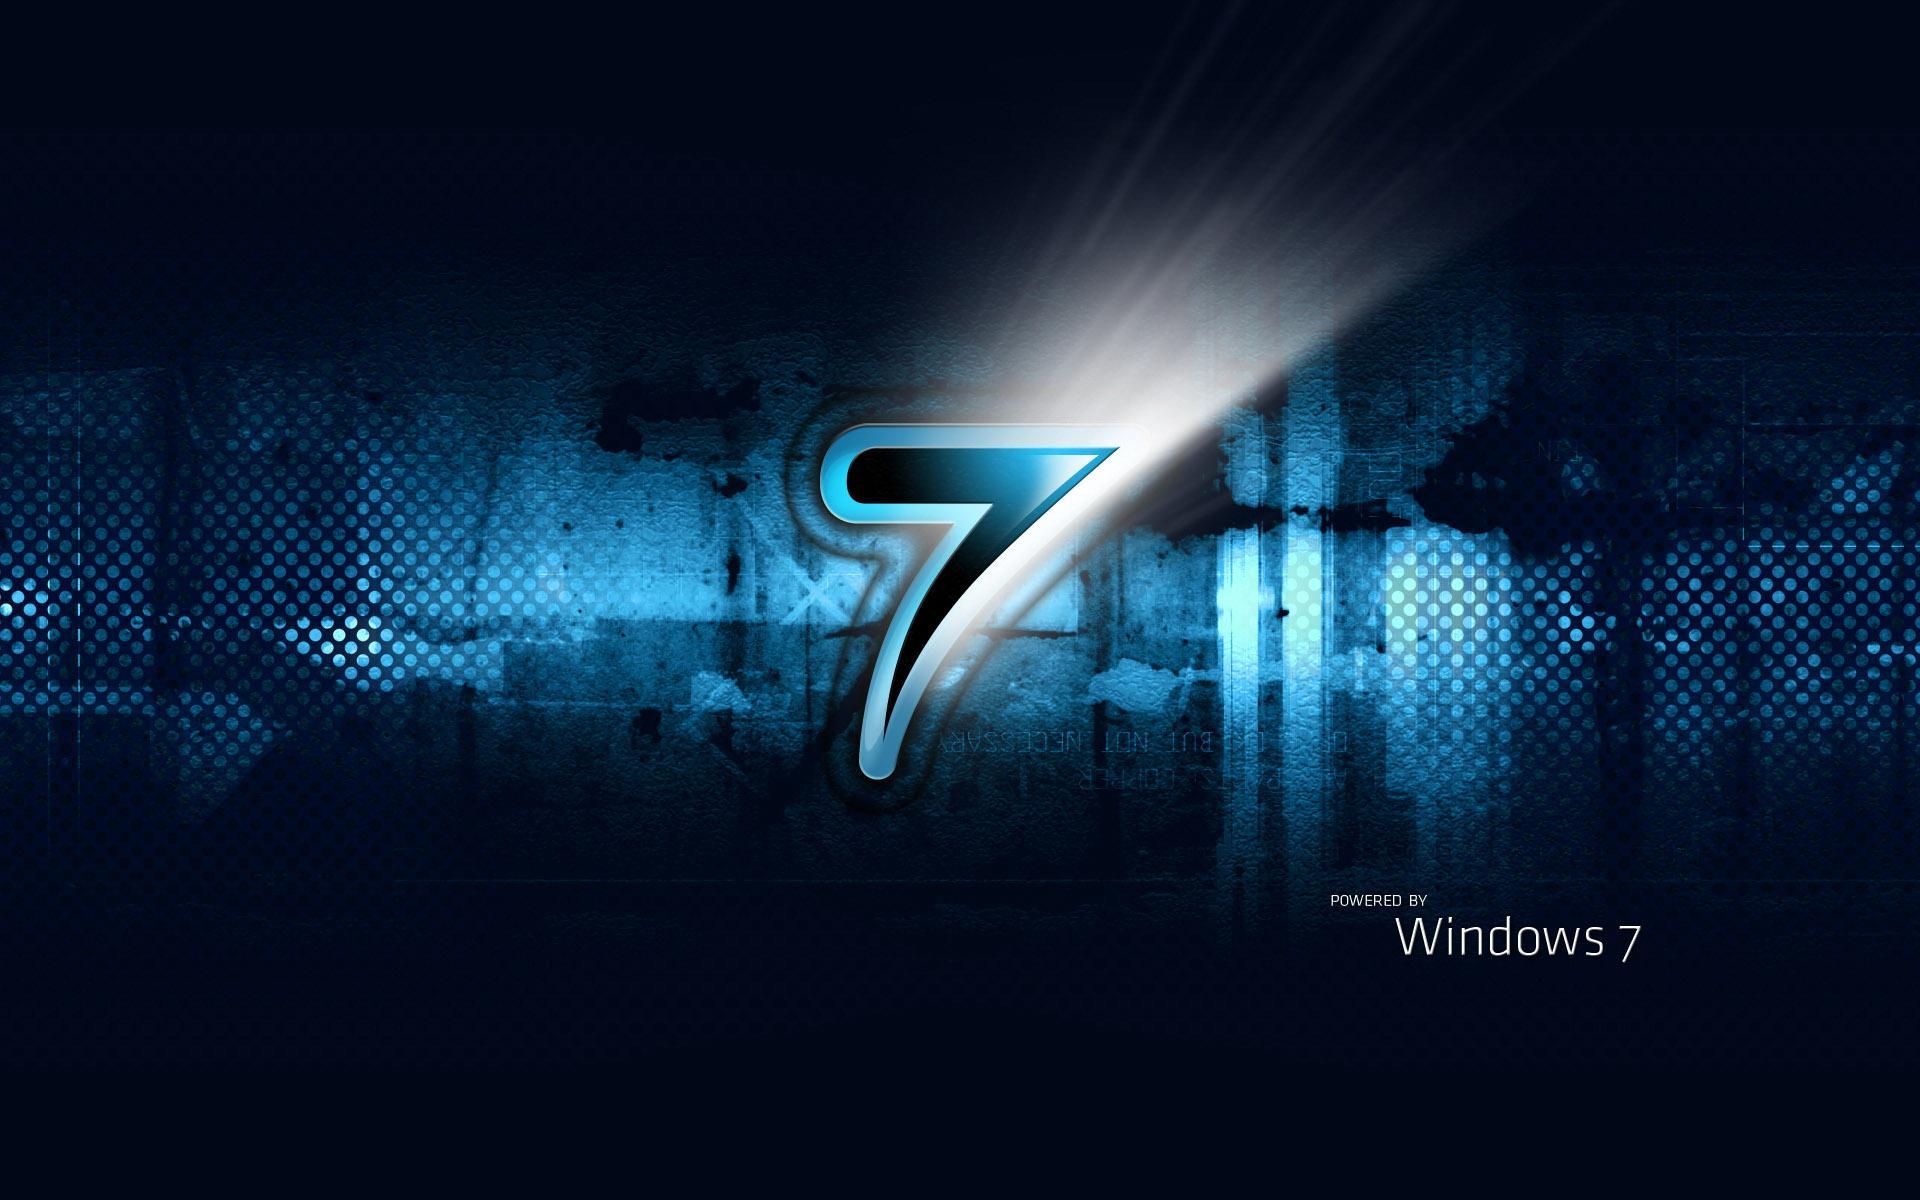 обои для рабочего windows 7: